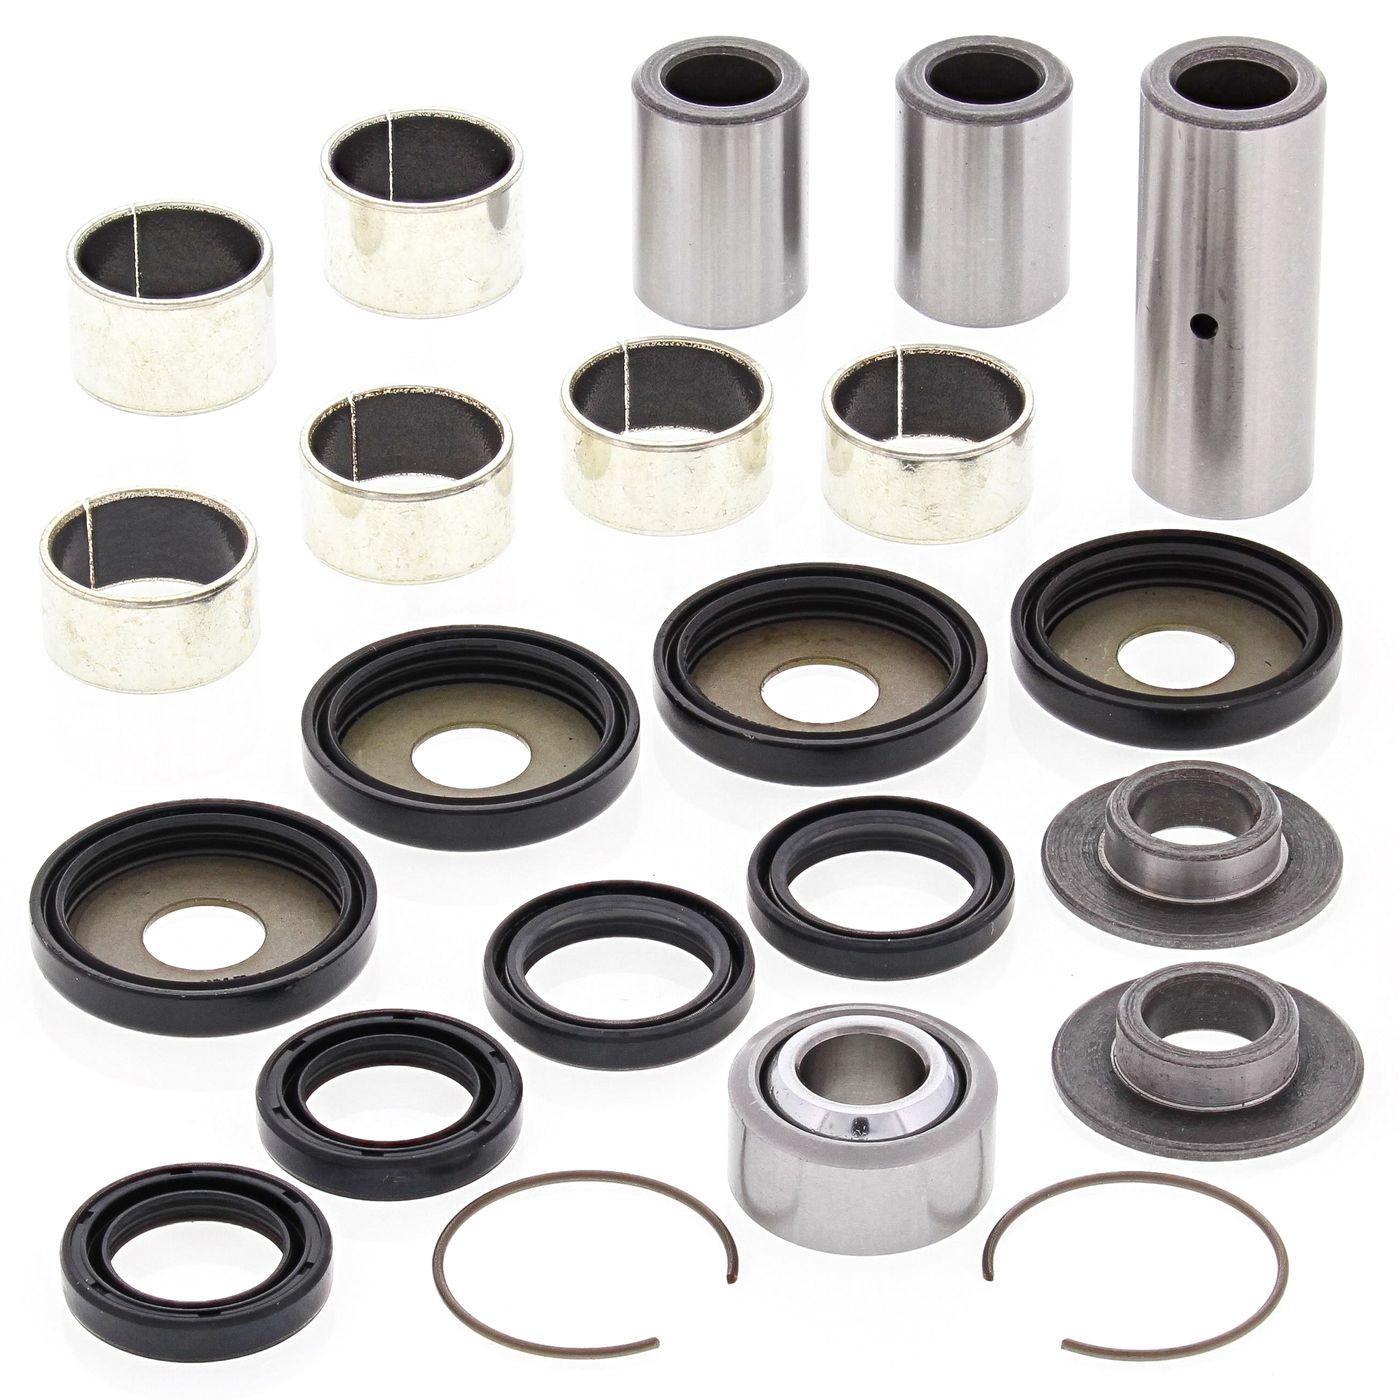 Wrp Shock Linkage Bearing Kits - WRP271002 image